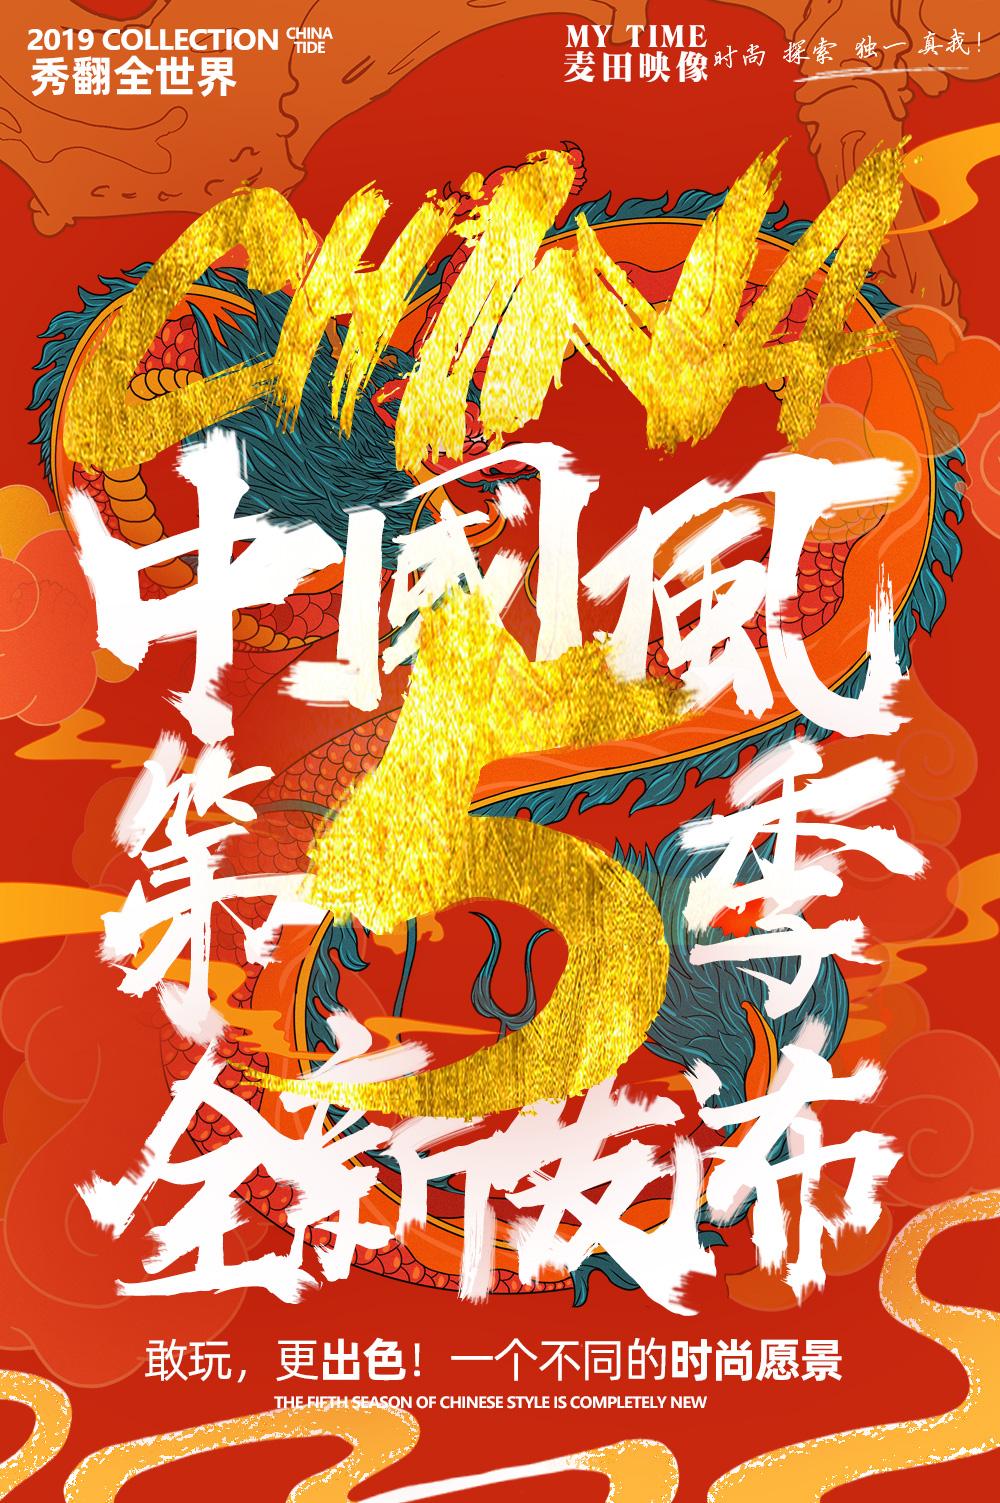 MYTIME 中国风第五季 全新发布